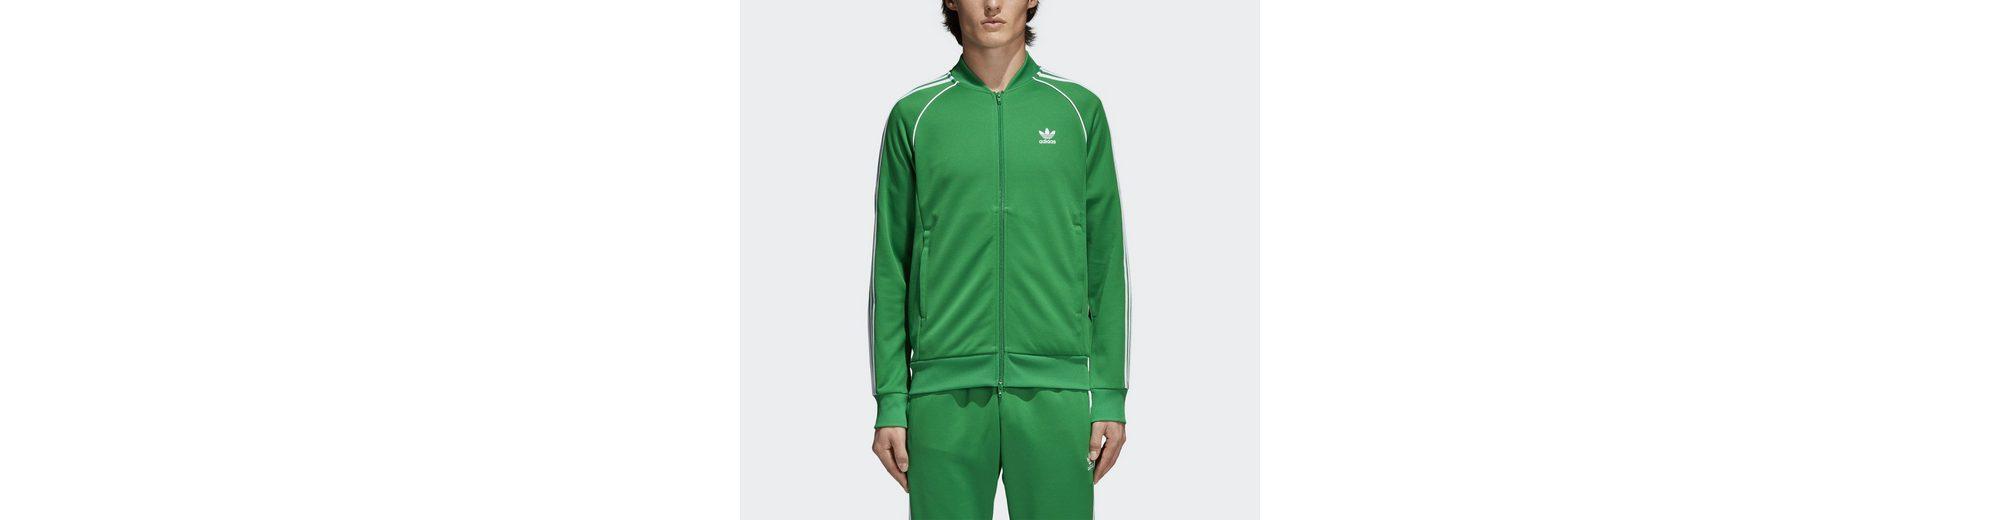 Mit Paypal Verkauf Online adidas Originals Sweatjacke SST Originals Jacke Authentischer Online-Verkauf Billig Zahlen Mit Paypal Bilder Im Internet H9rA7WwW1p